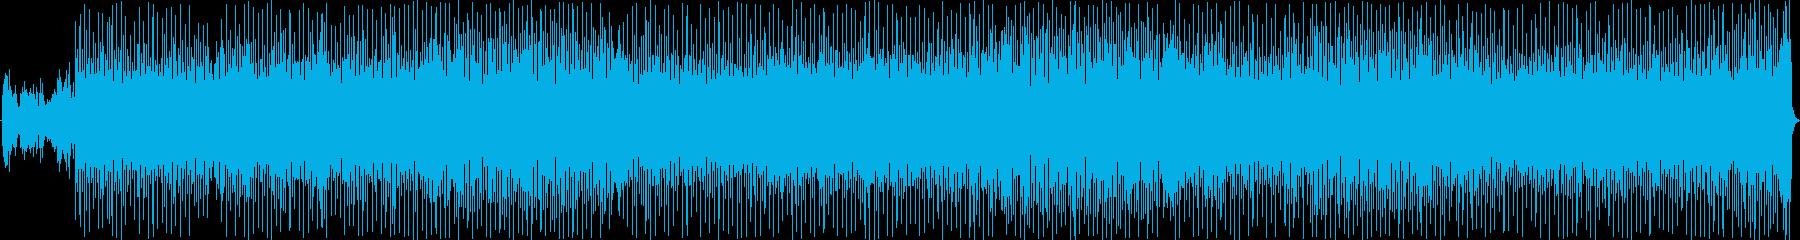 テレビバックグラウンドミュージック...の再生済みの波形